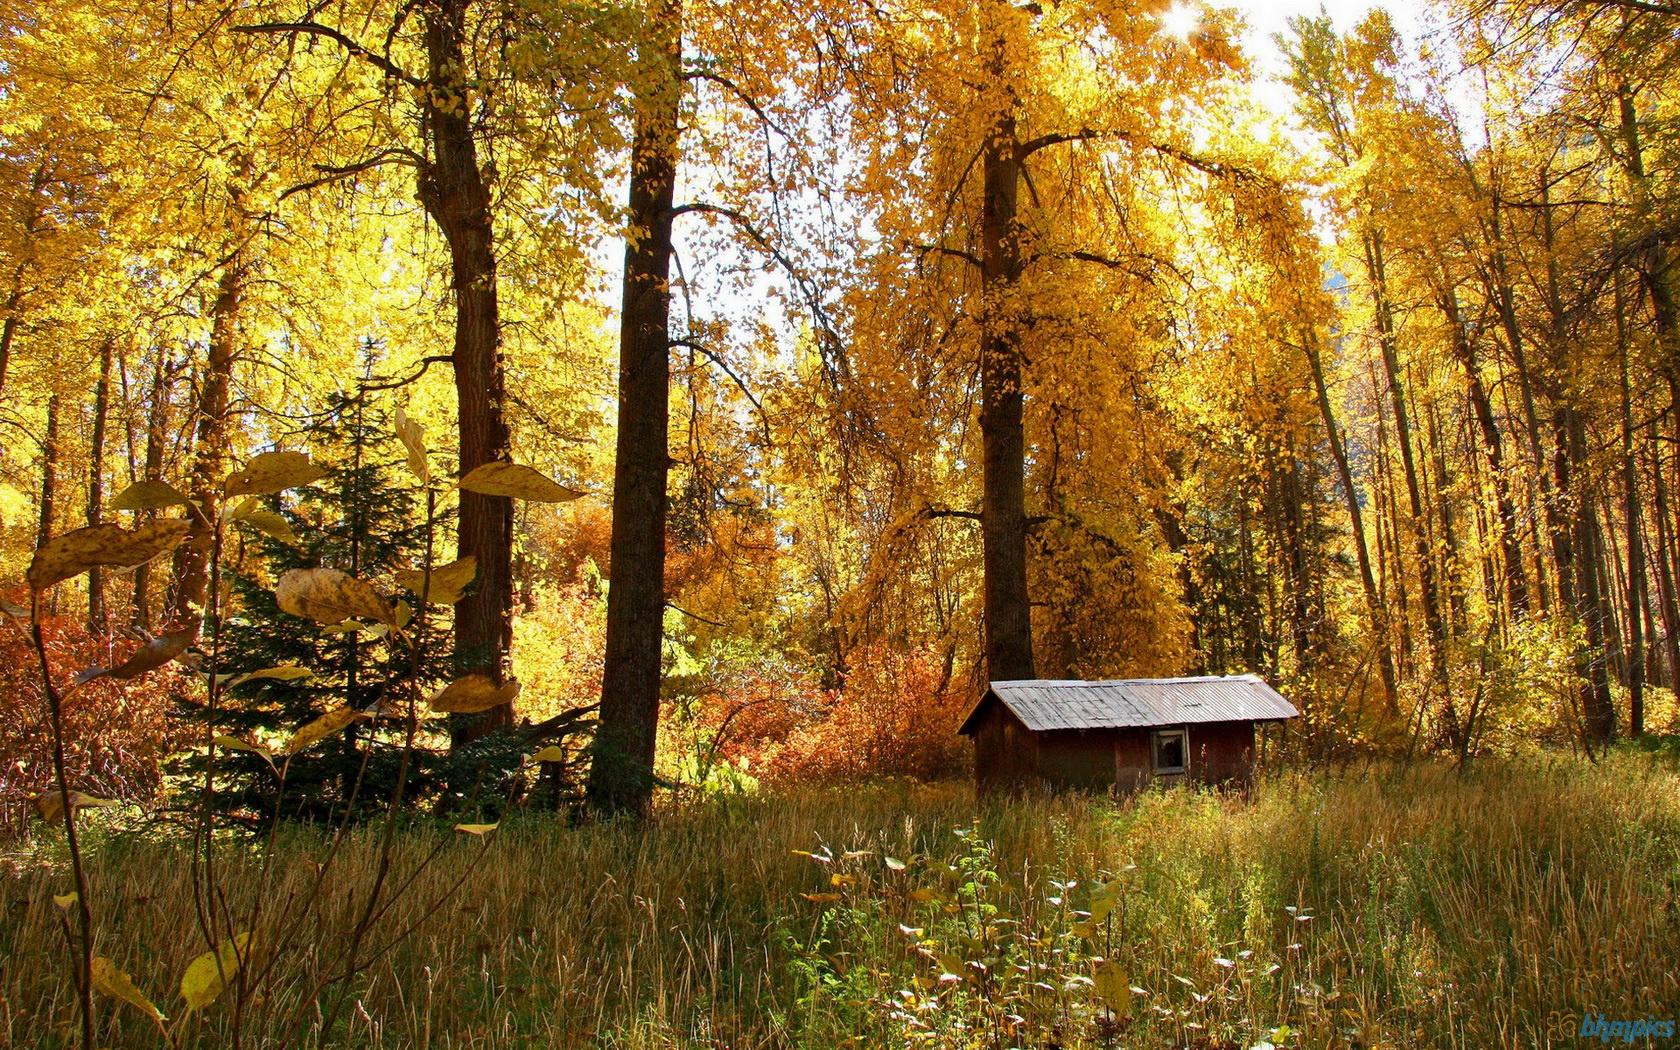 Hình nền mùa thu Seasonsautumn1680x1050